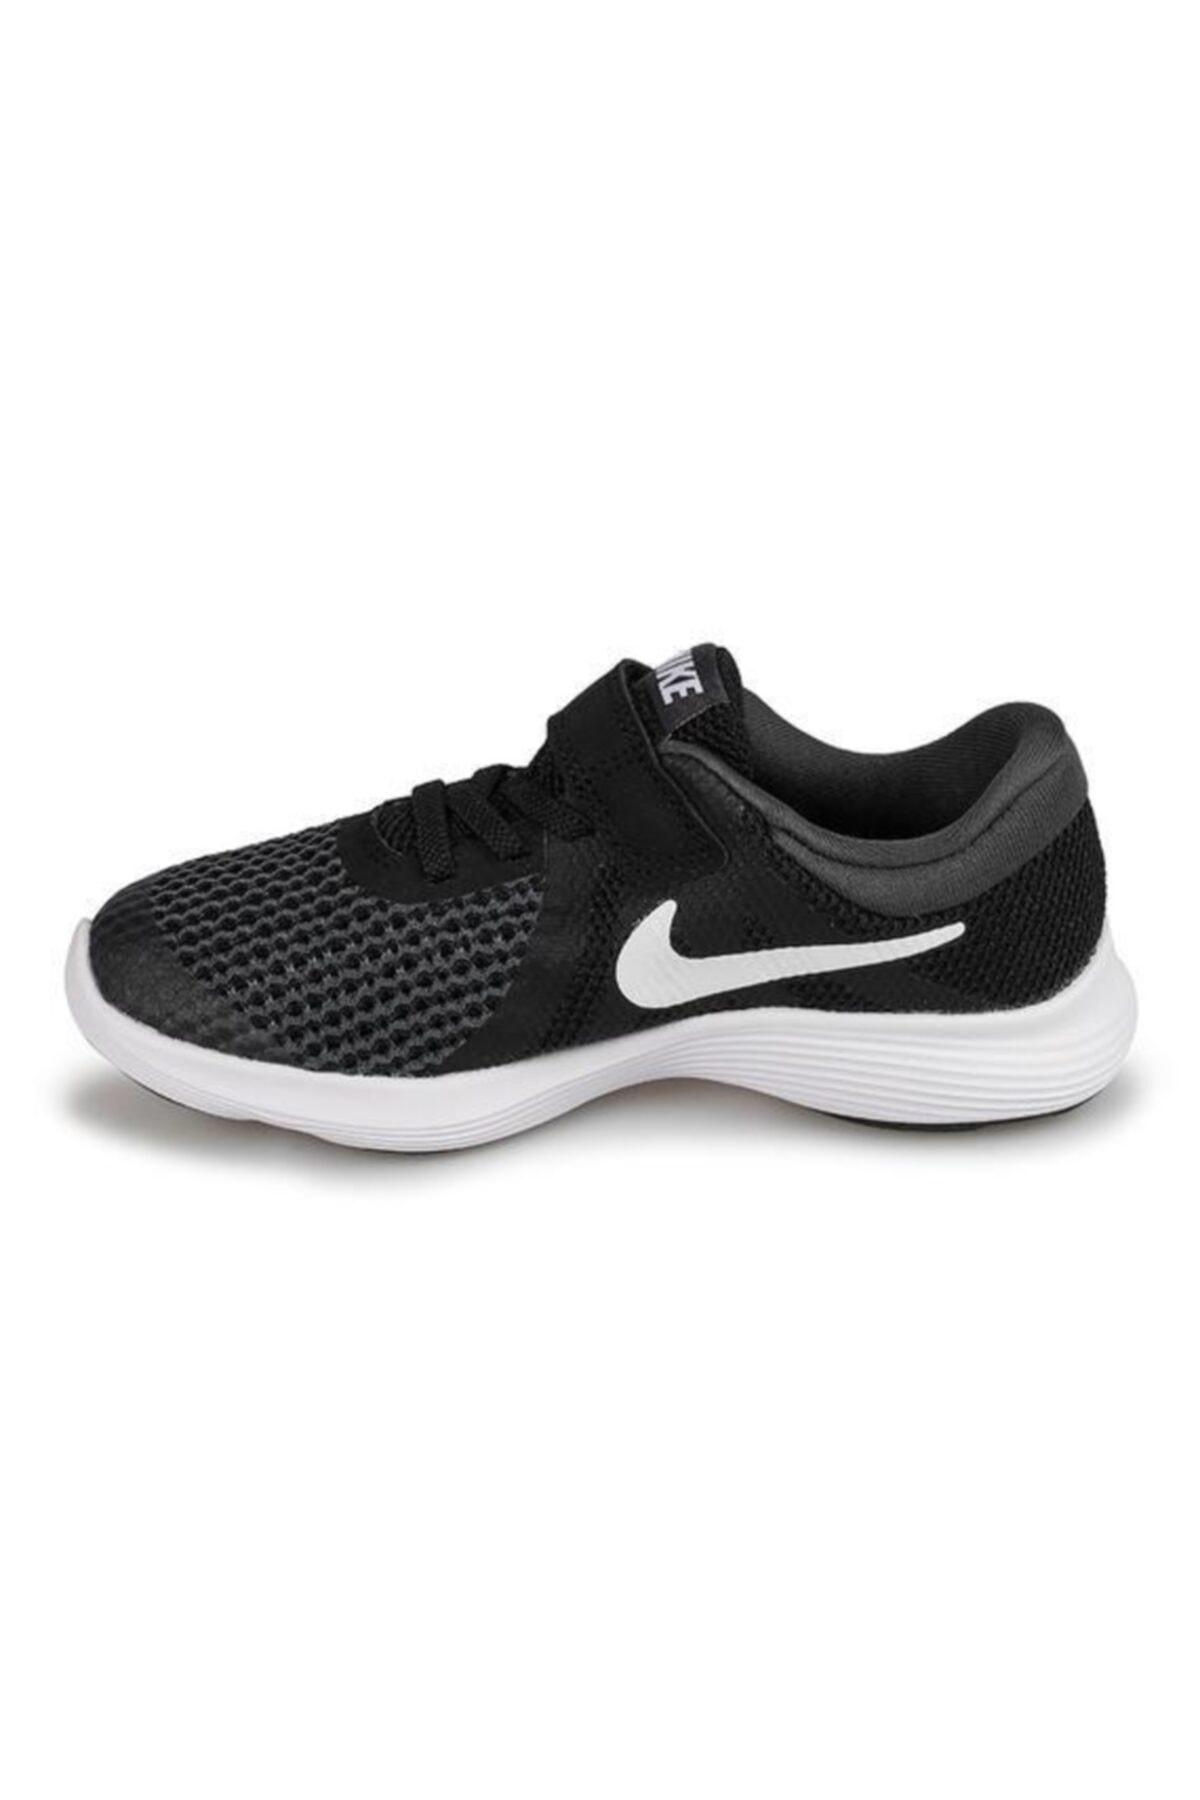 Nike Erkek  Çocuk Siyah Bantlı Spor Ayakkabı 2